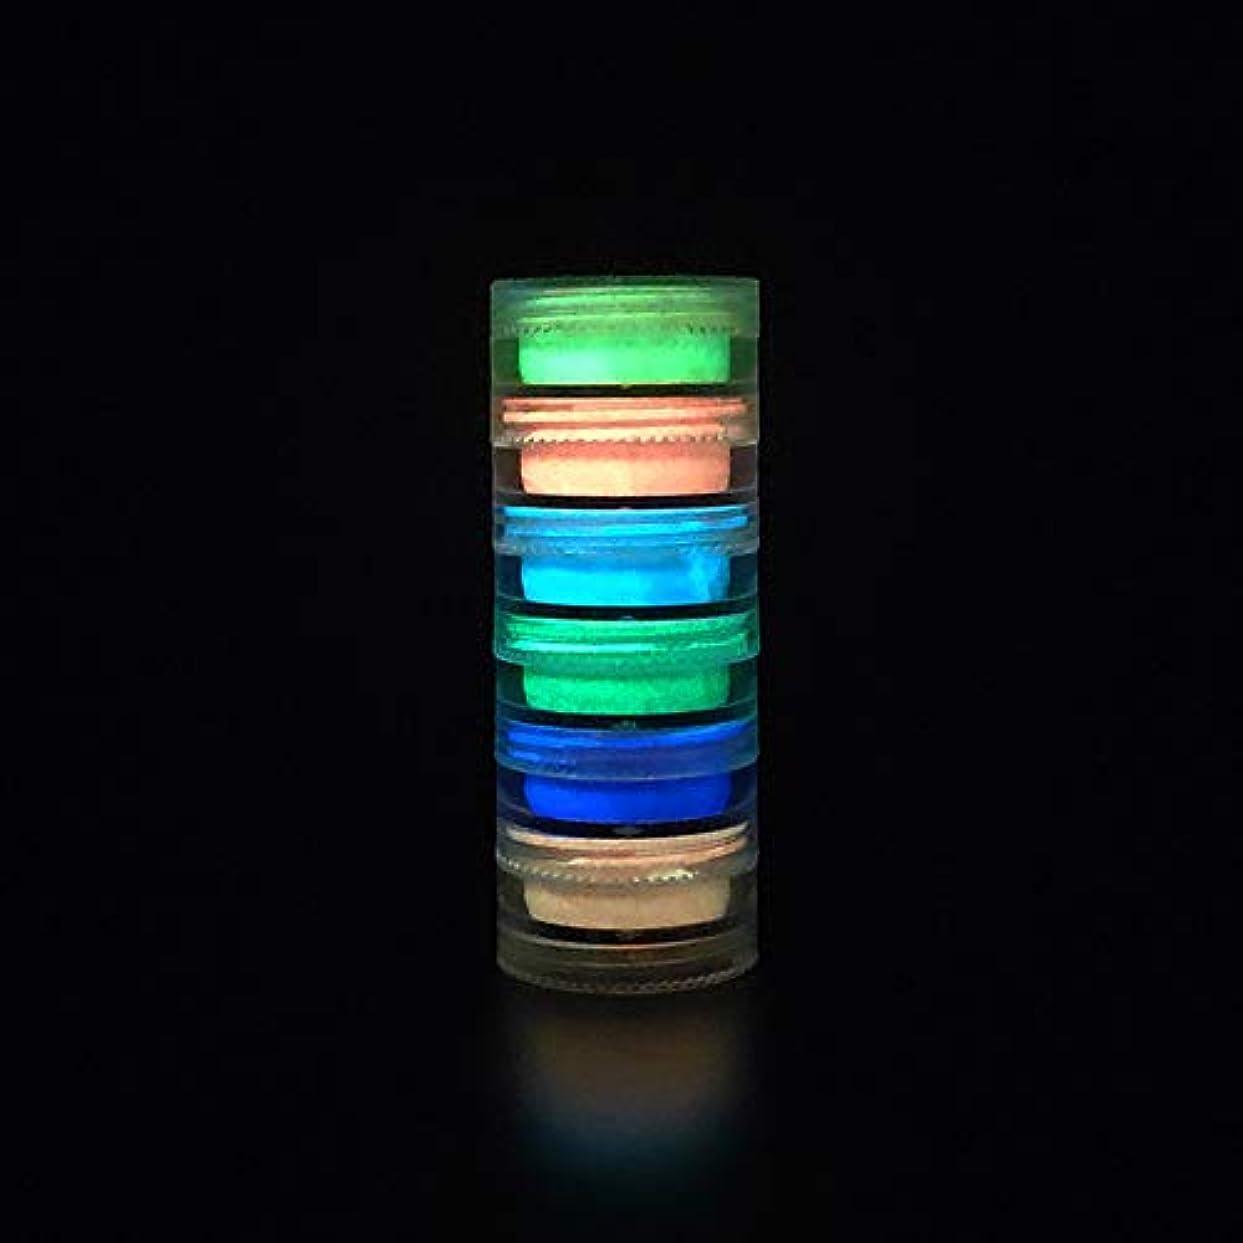 ピストンメロディアスグラマーMurakush ネイルアート 6個 蛍光装飾 パウダー ネイルアート コーティング ルミナス ブライト ナイトライトパウダー 3#